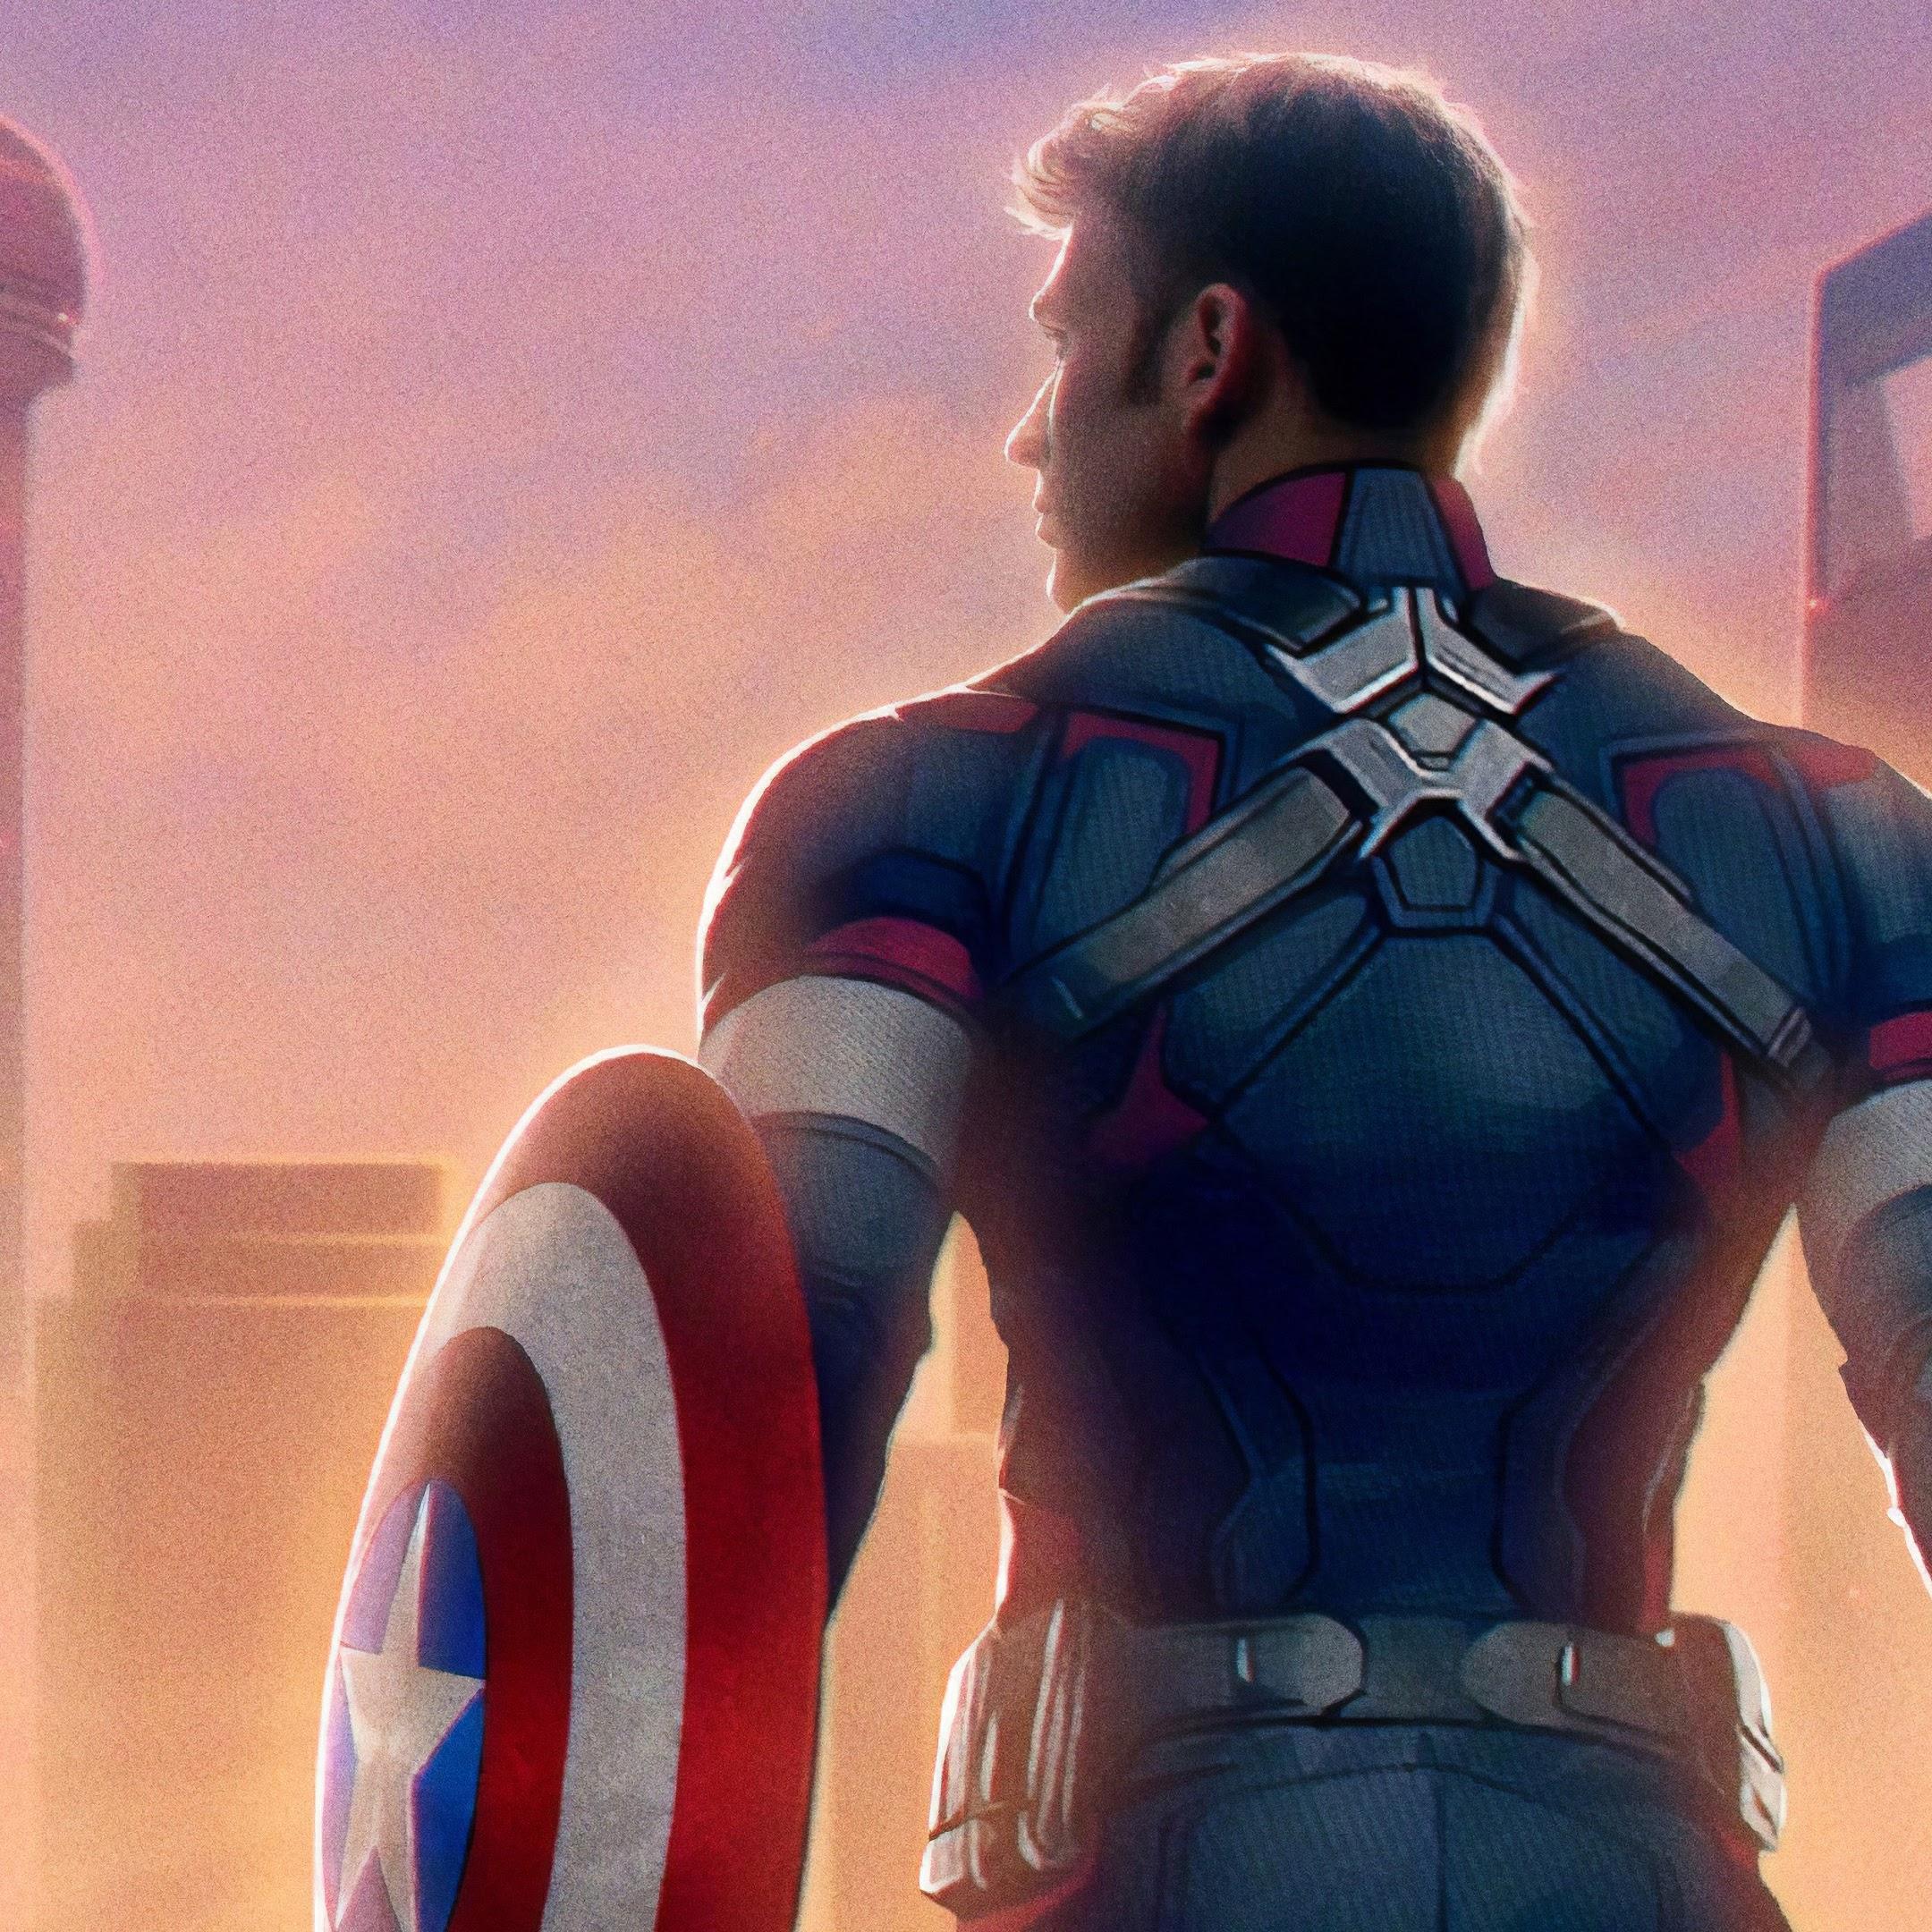 Avengers Endgame Captain 4k 54 Wallpaper